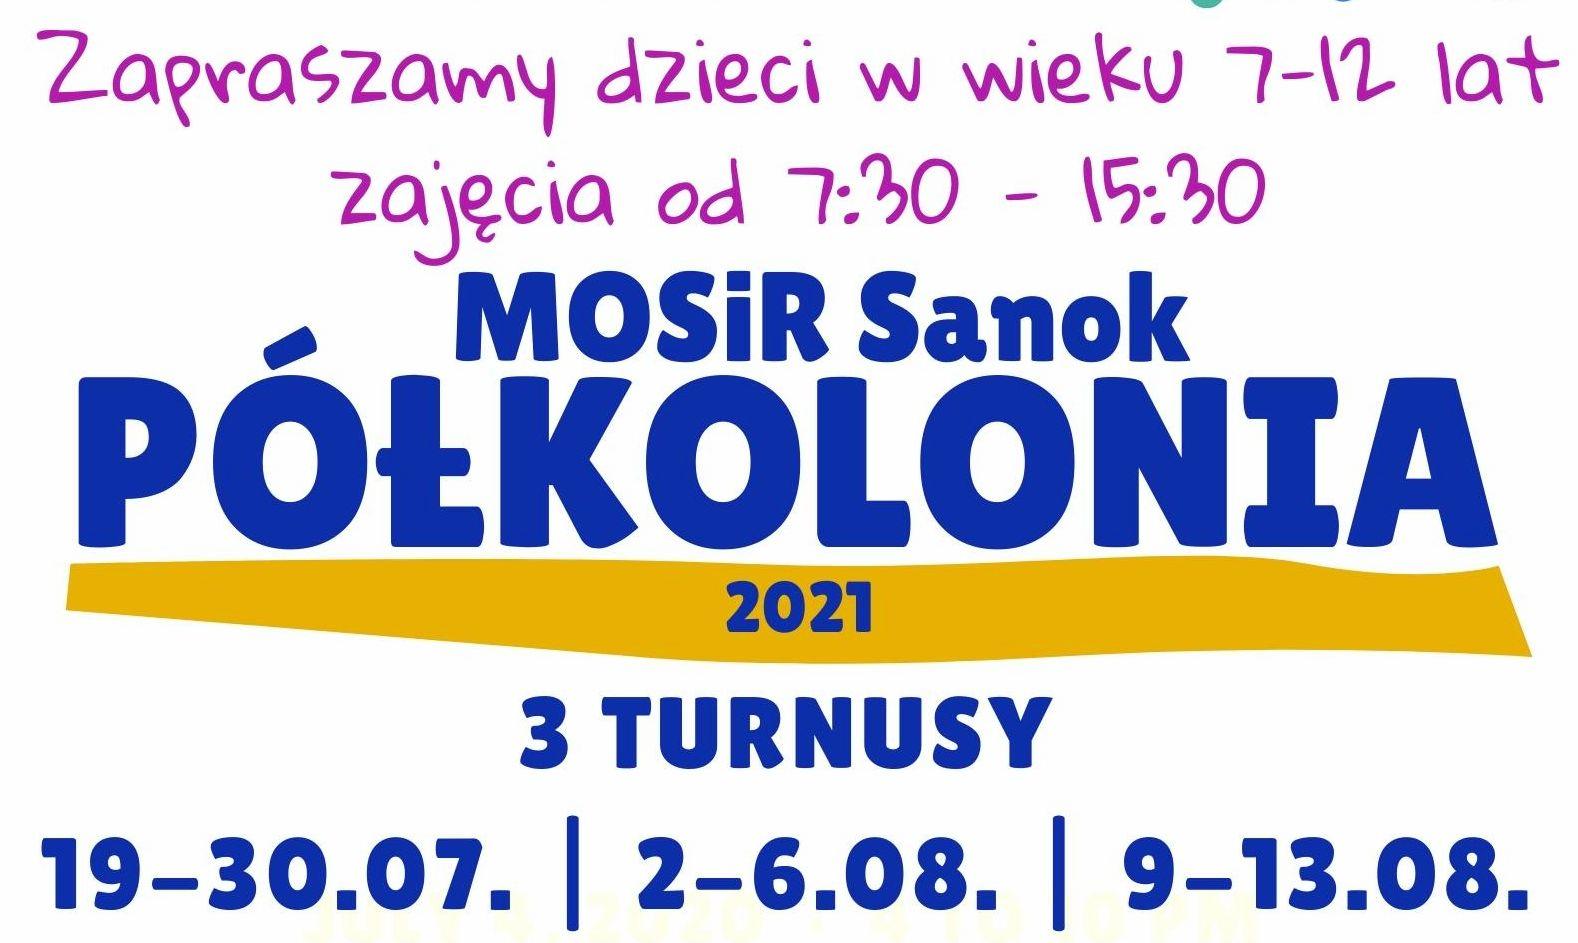 Zapisz dziecko na półkolonię w MOSiR Sanok - Zdjęcie główne